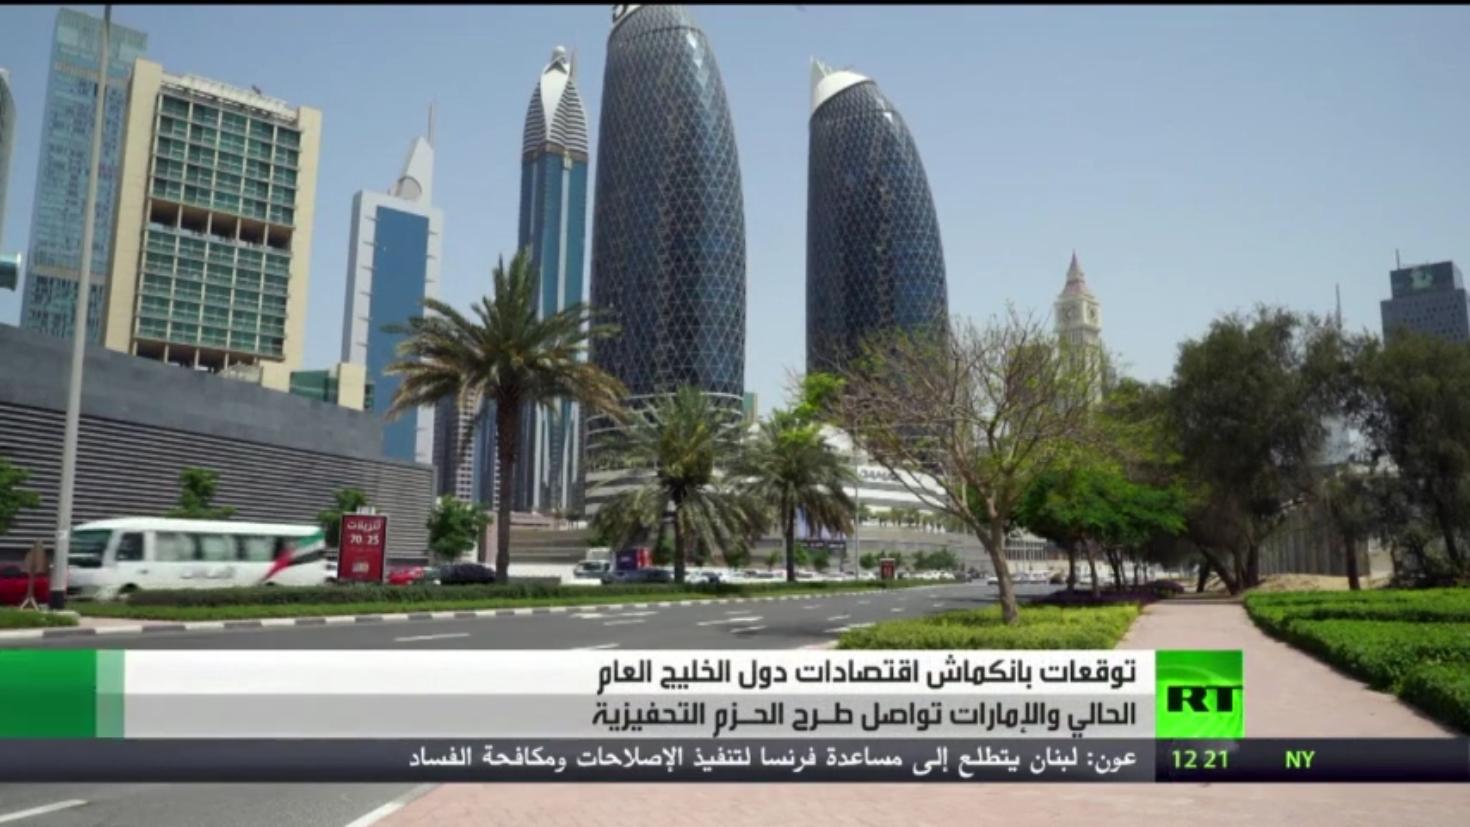 انكماش باقتصادات دول الخليج العام الحالي